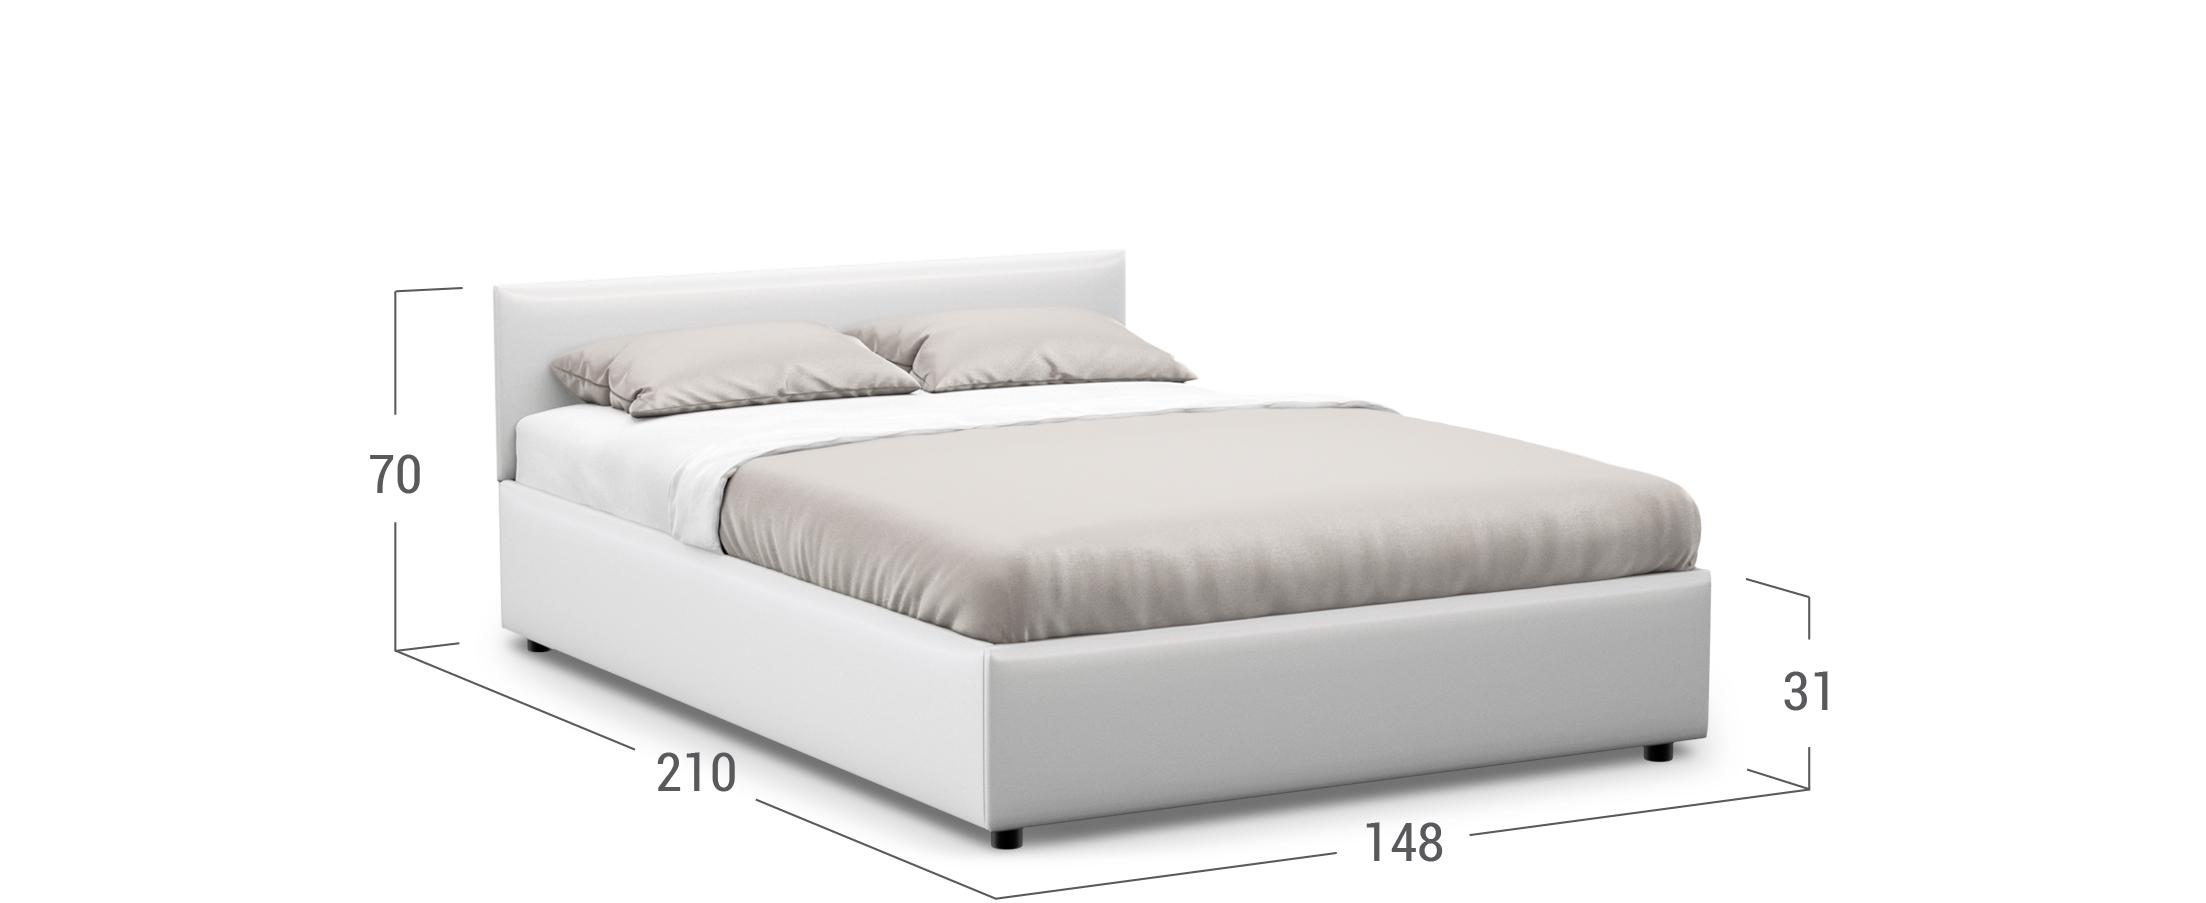 Кровать двуспальная MOON FAMILY 1220 140х200